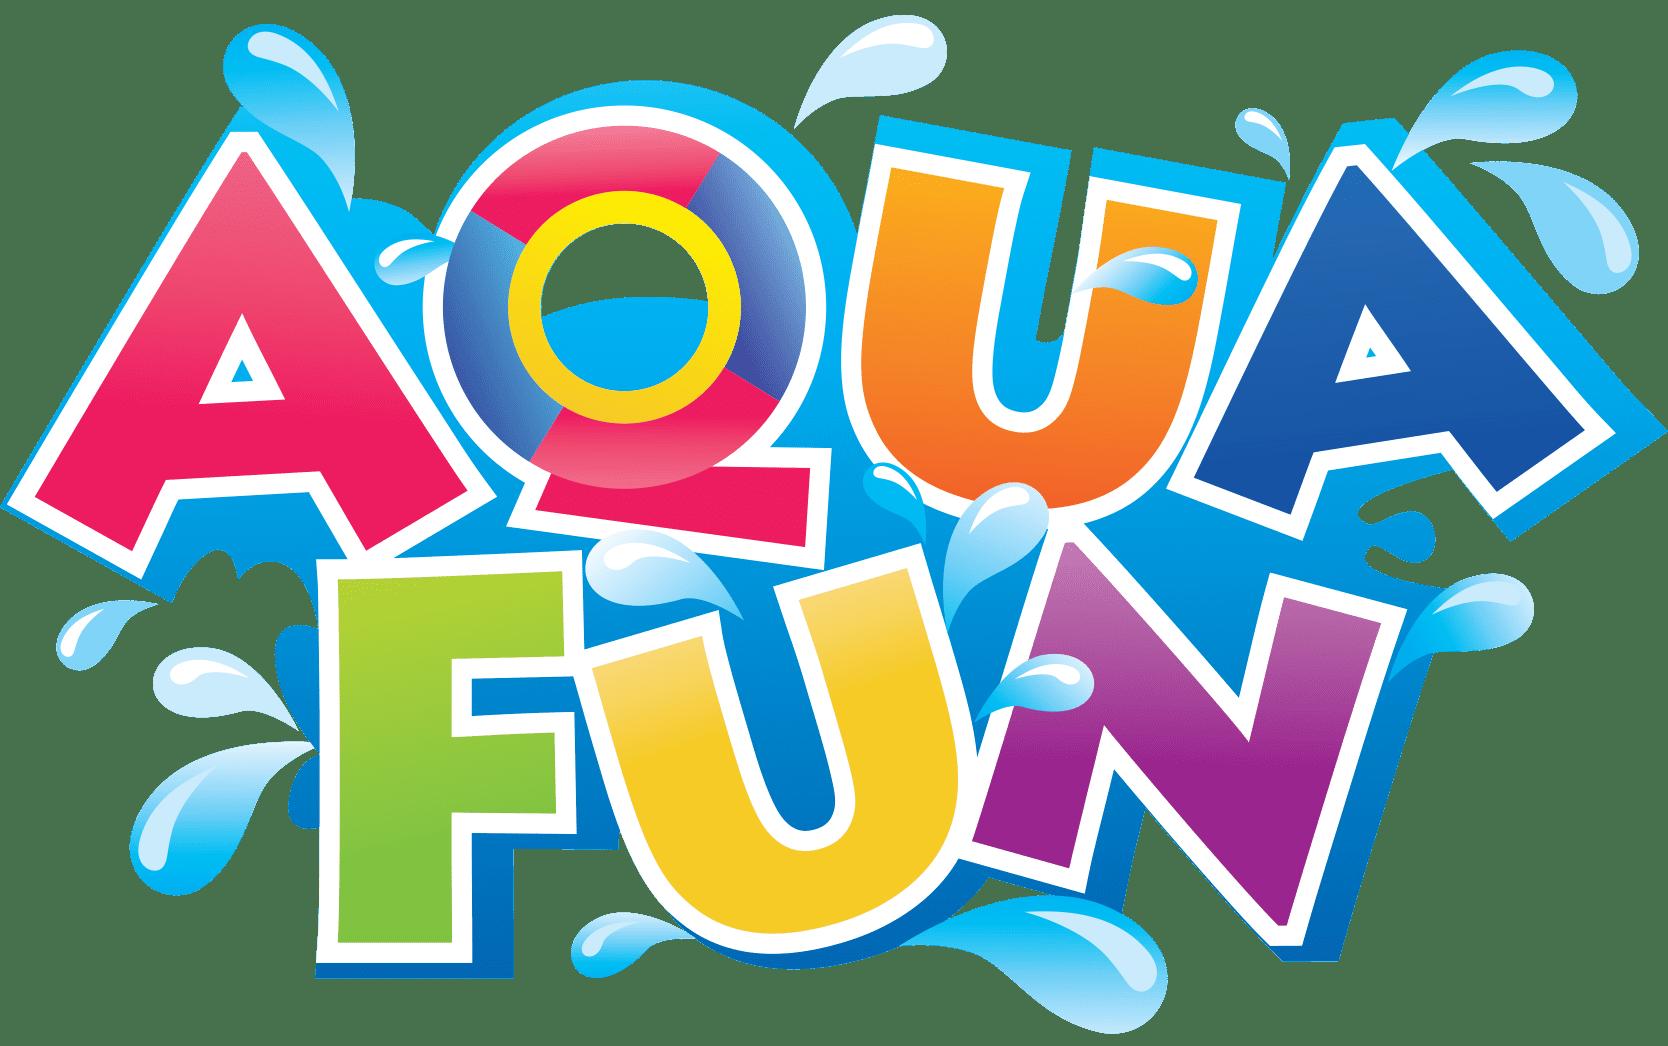 AquaFun